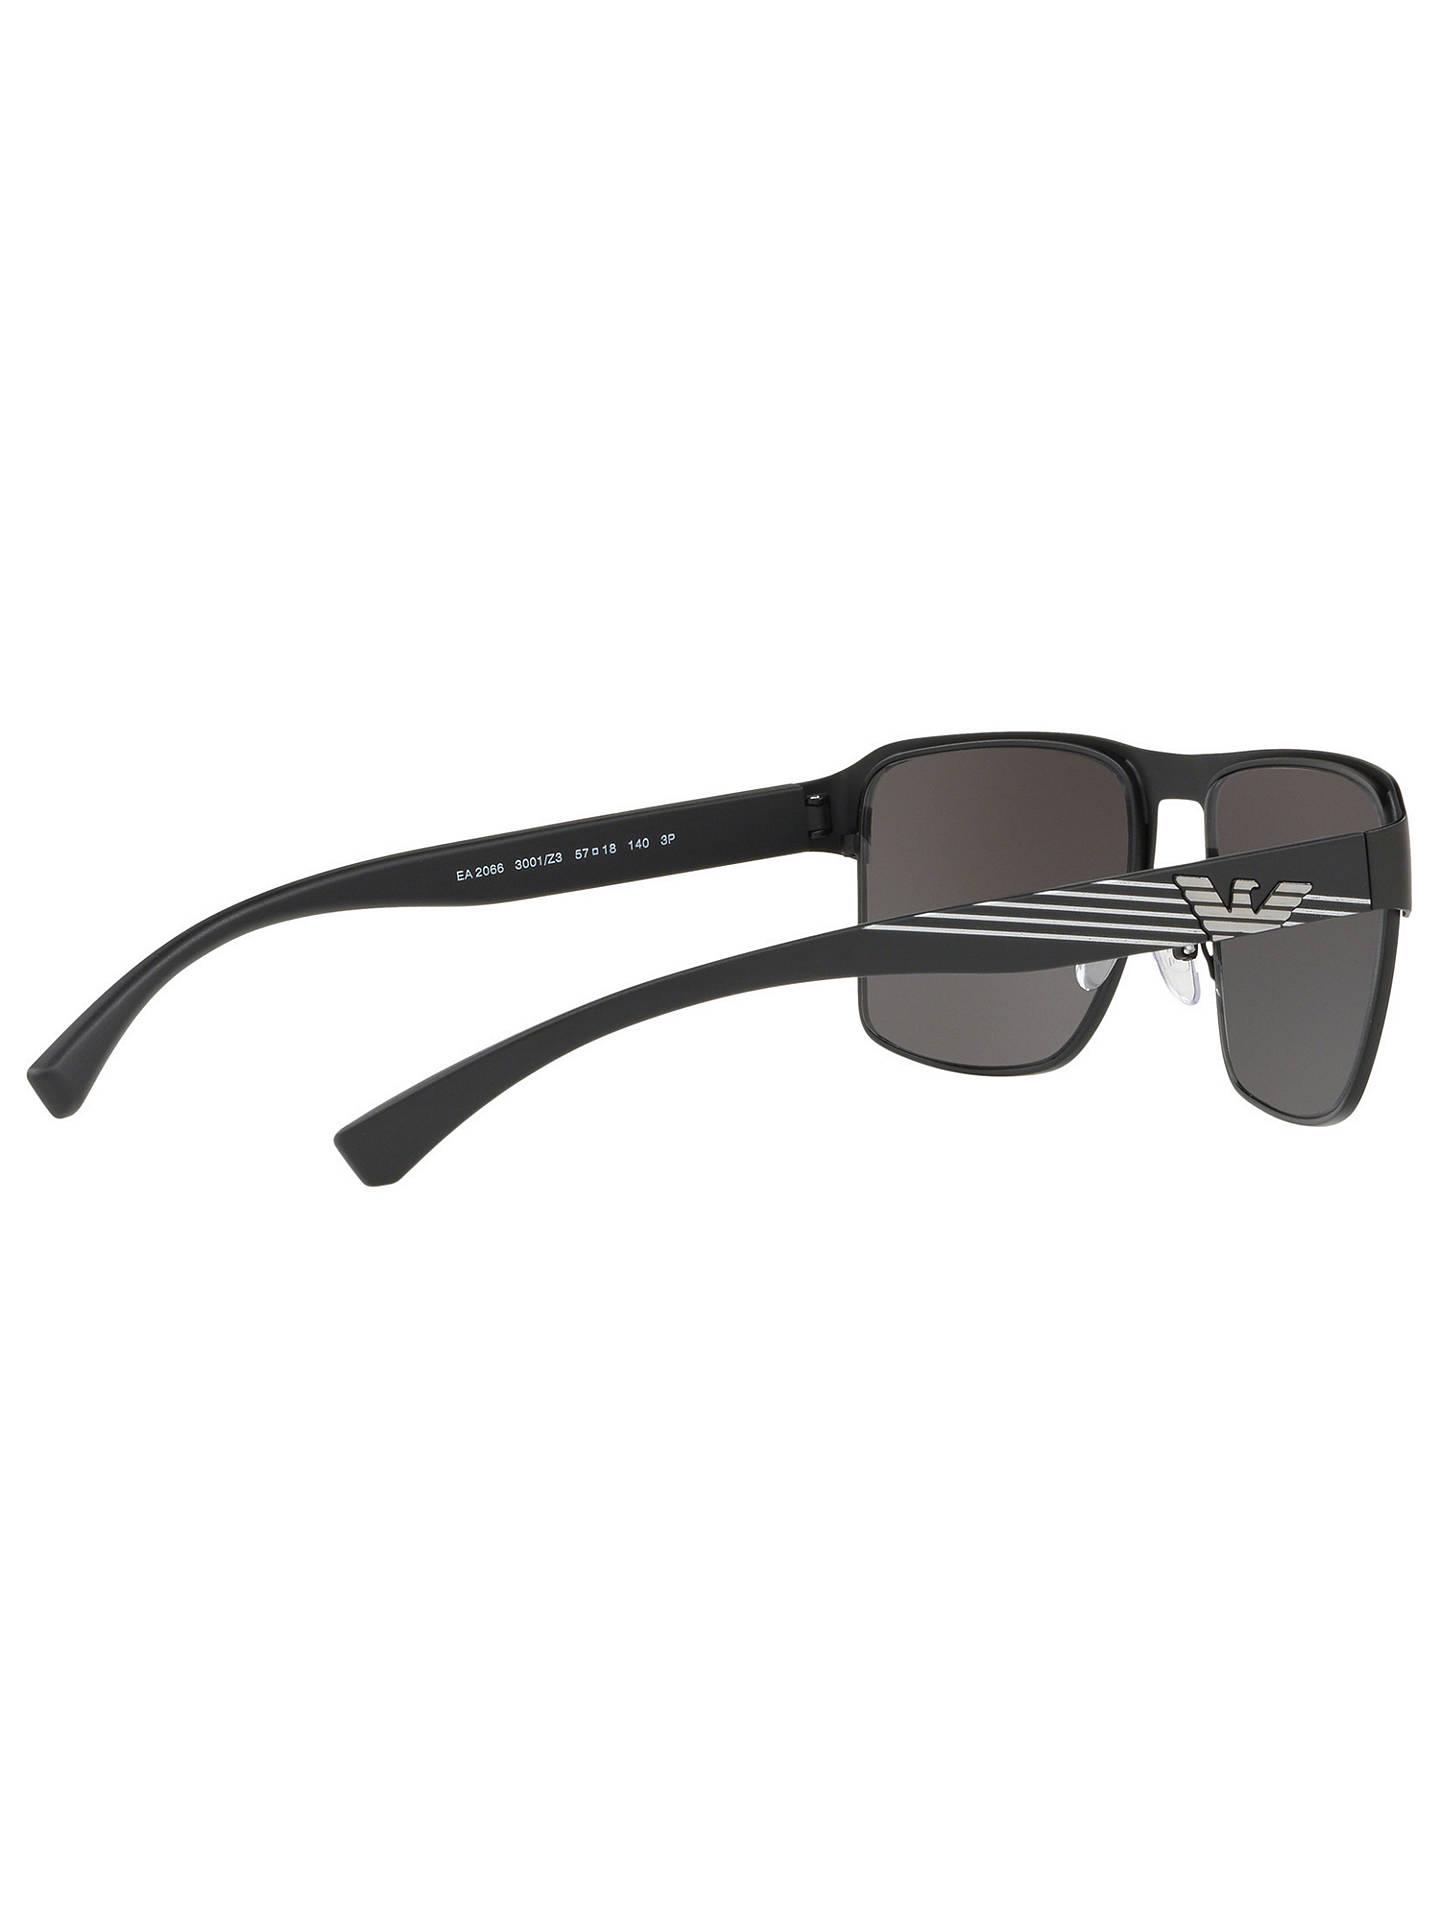 82b87c5e5 ... Buy Emporio Armani EA2066 Men's Polarised Square Sunglasses,  Black/Mirror Grey Online at johnlewis ...